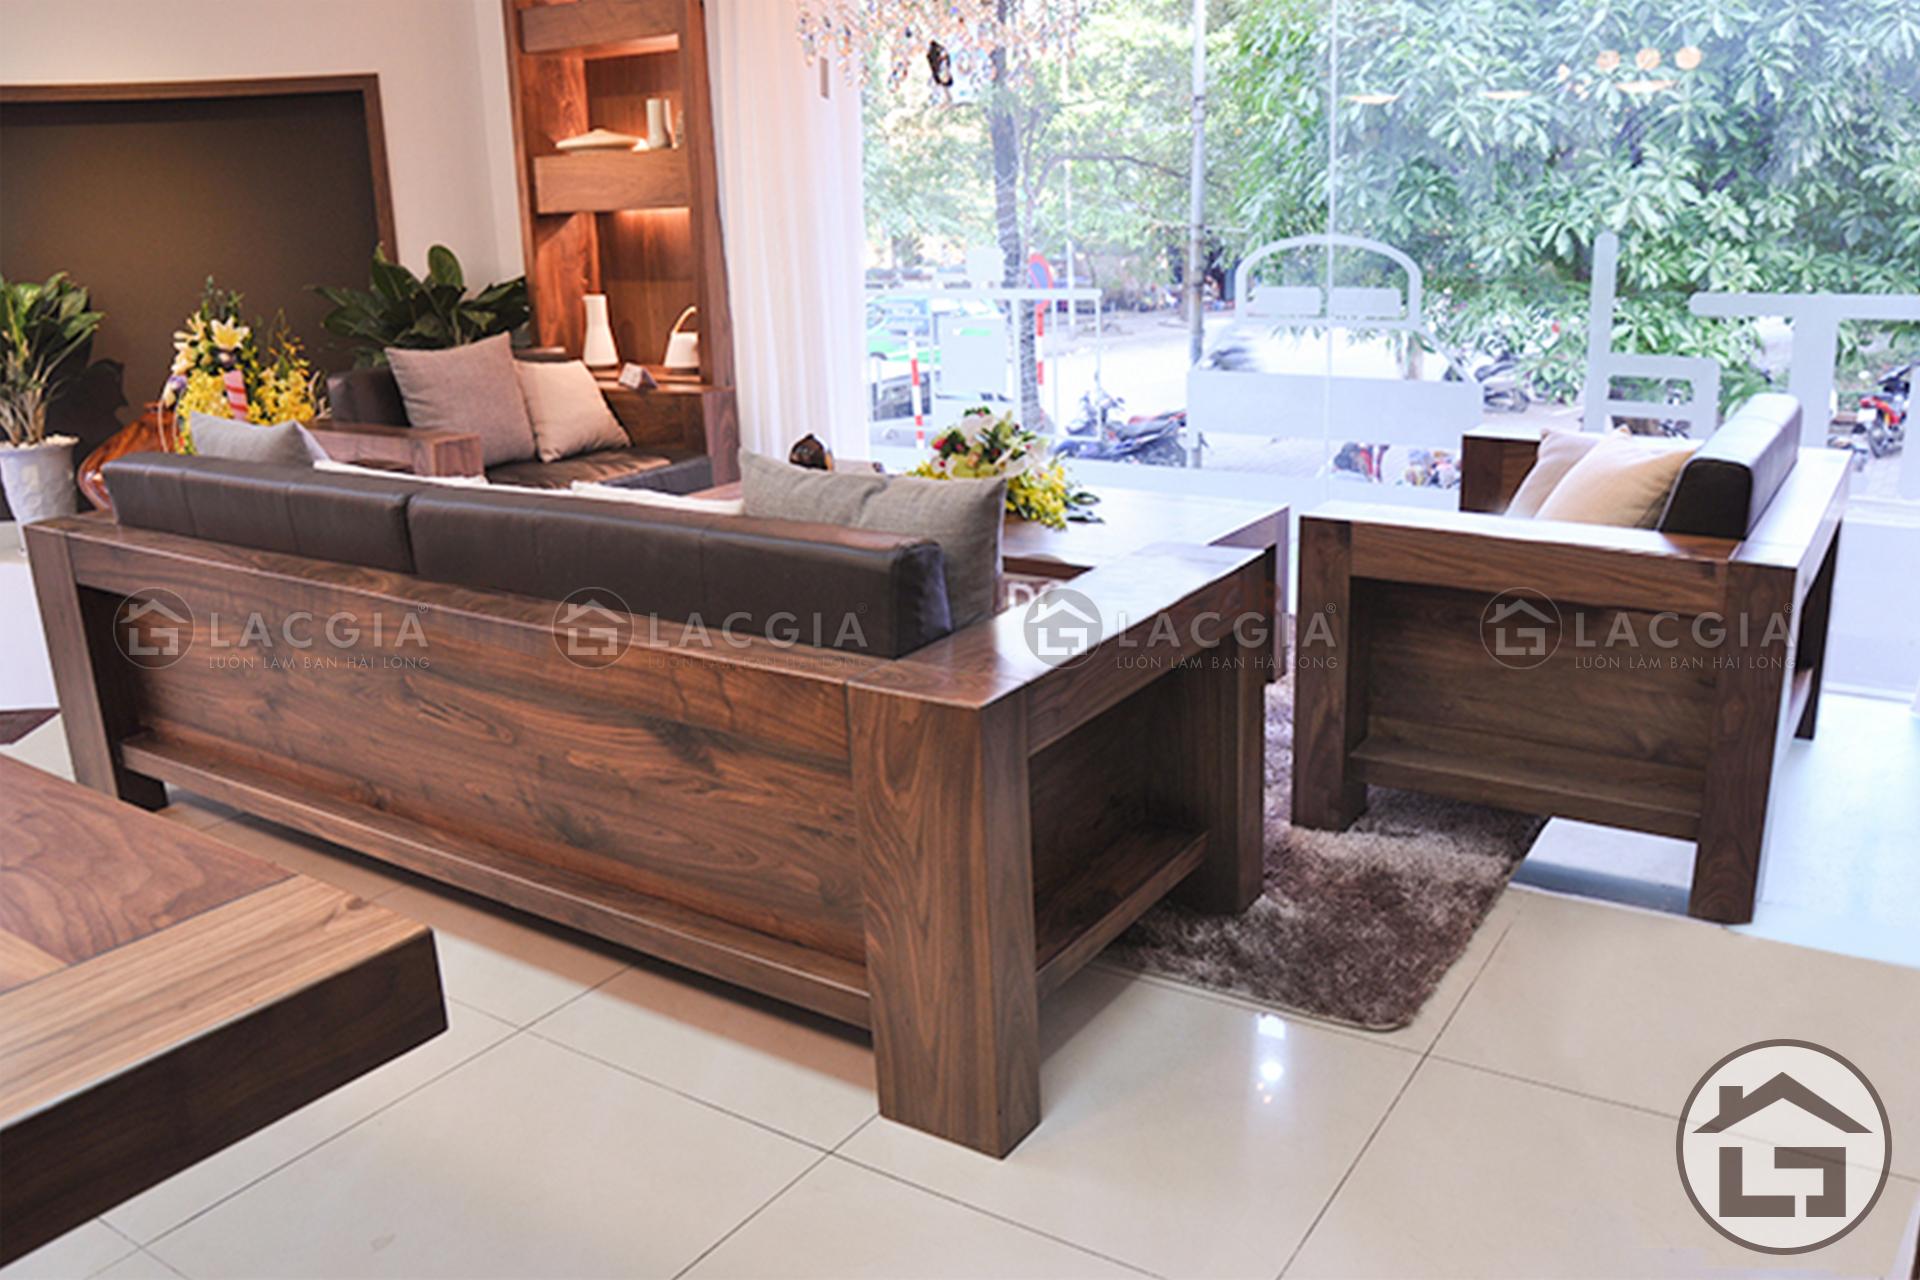 Bàn ghế sofa gỗ cao cấp với chất liệu gỗ óc chó